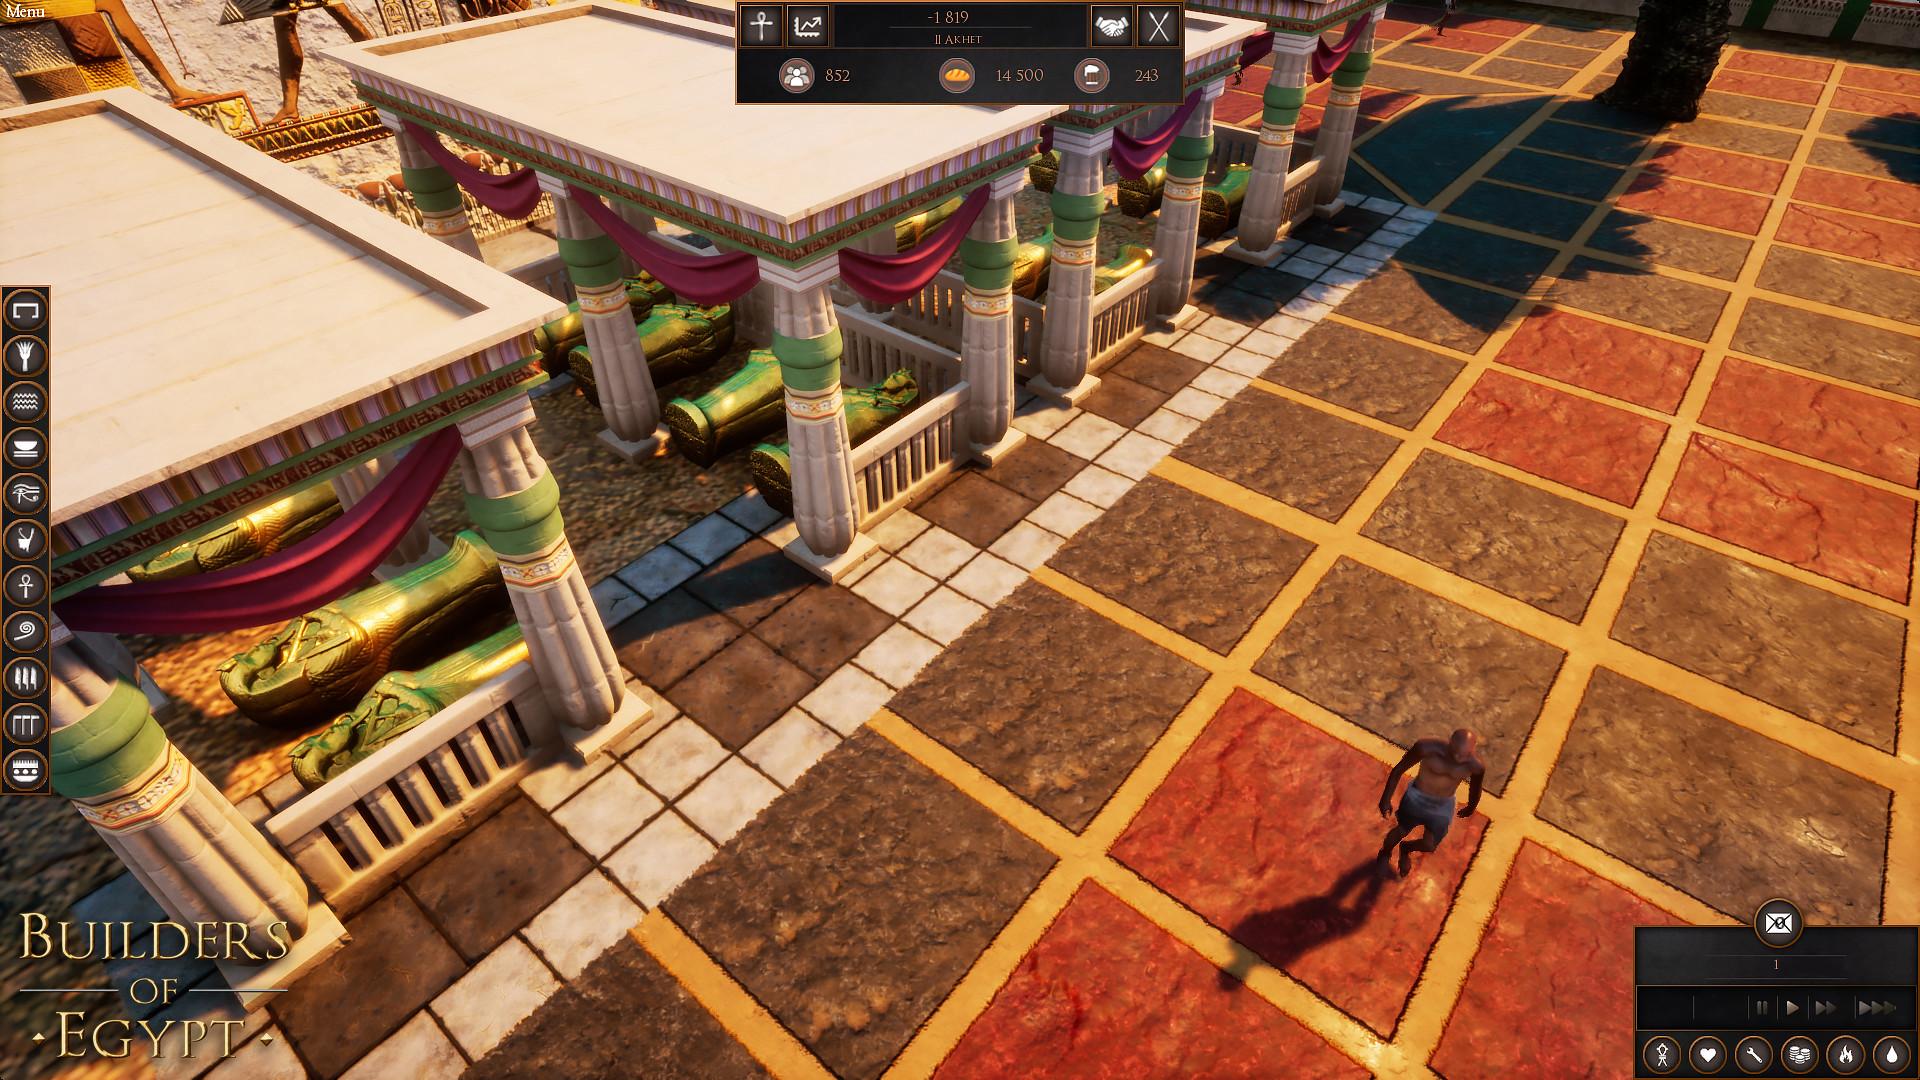 策略模拟新游《埃及制造者》公布新预告 发售日待定